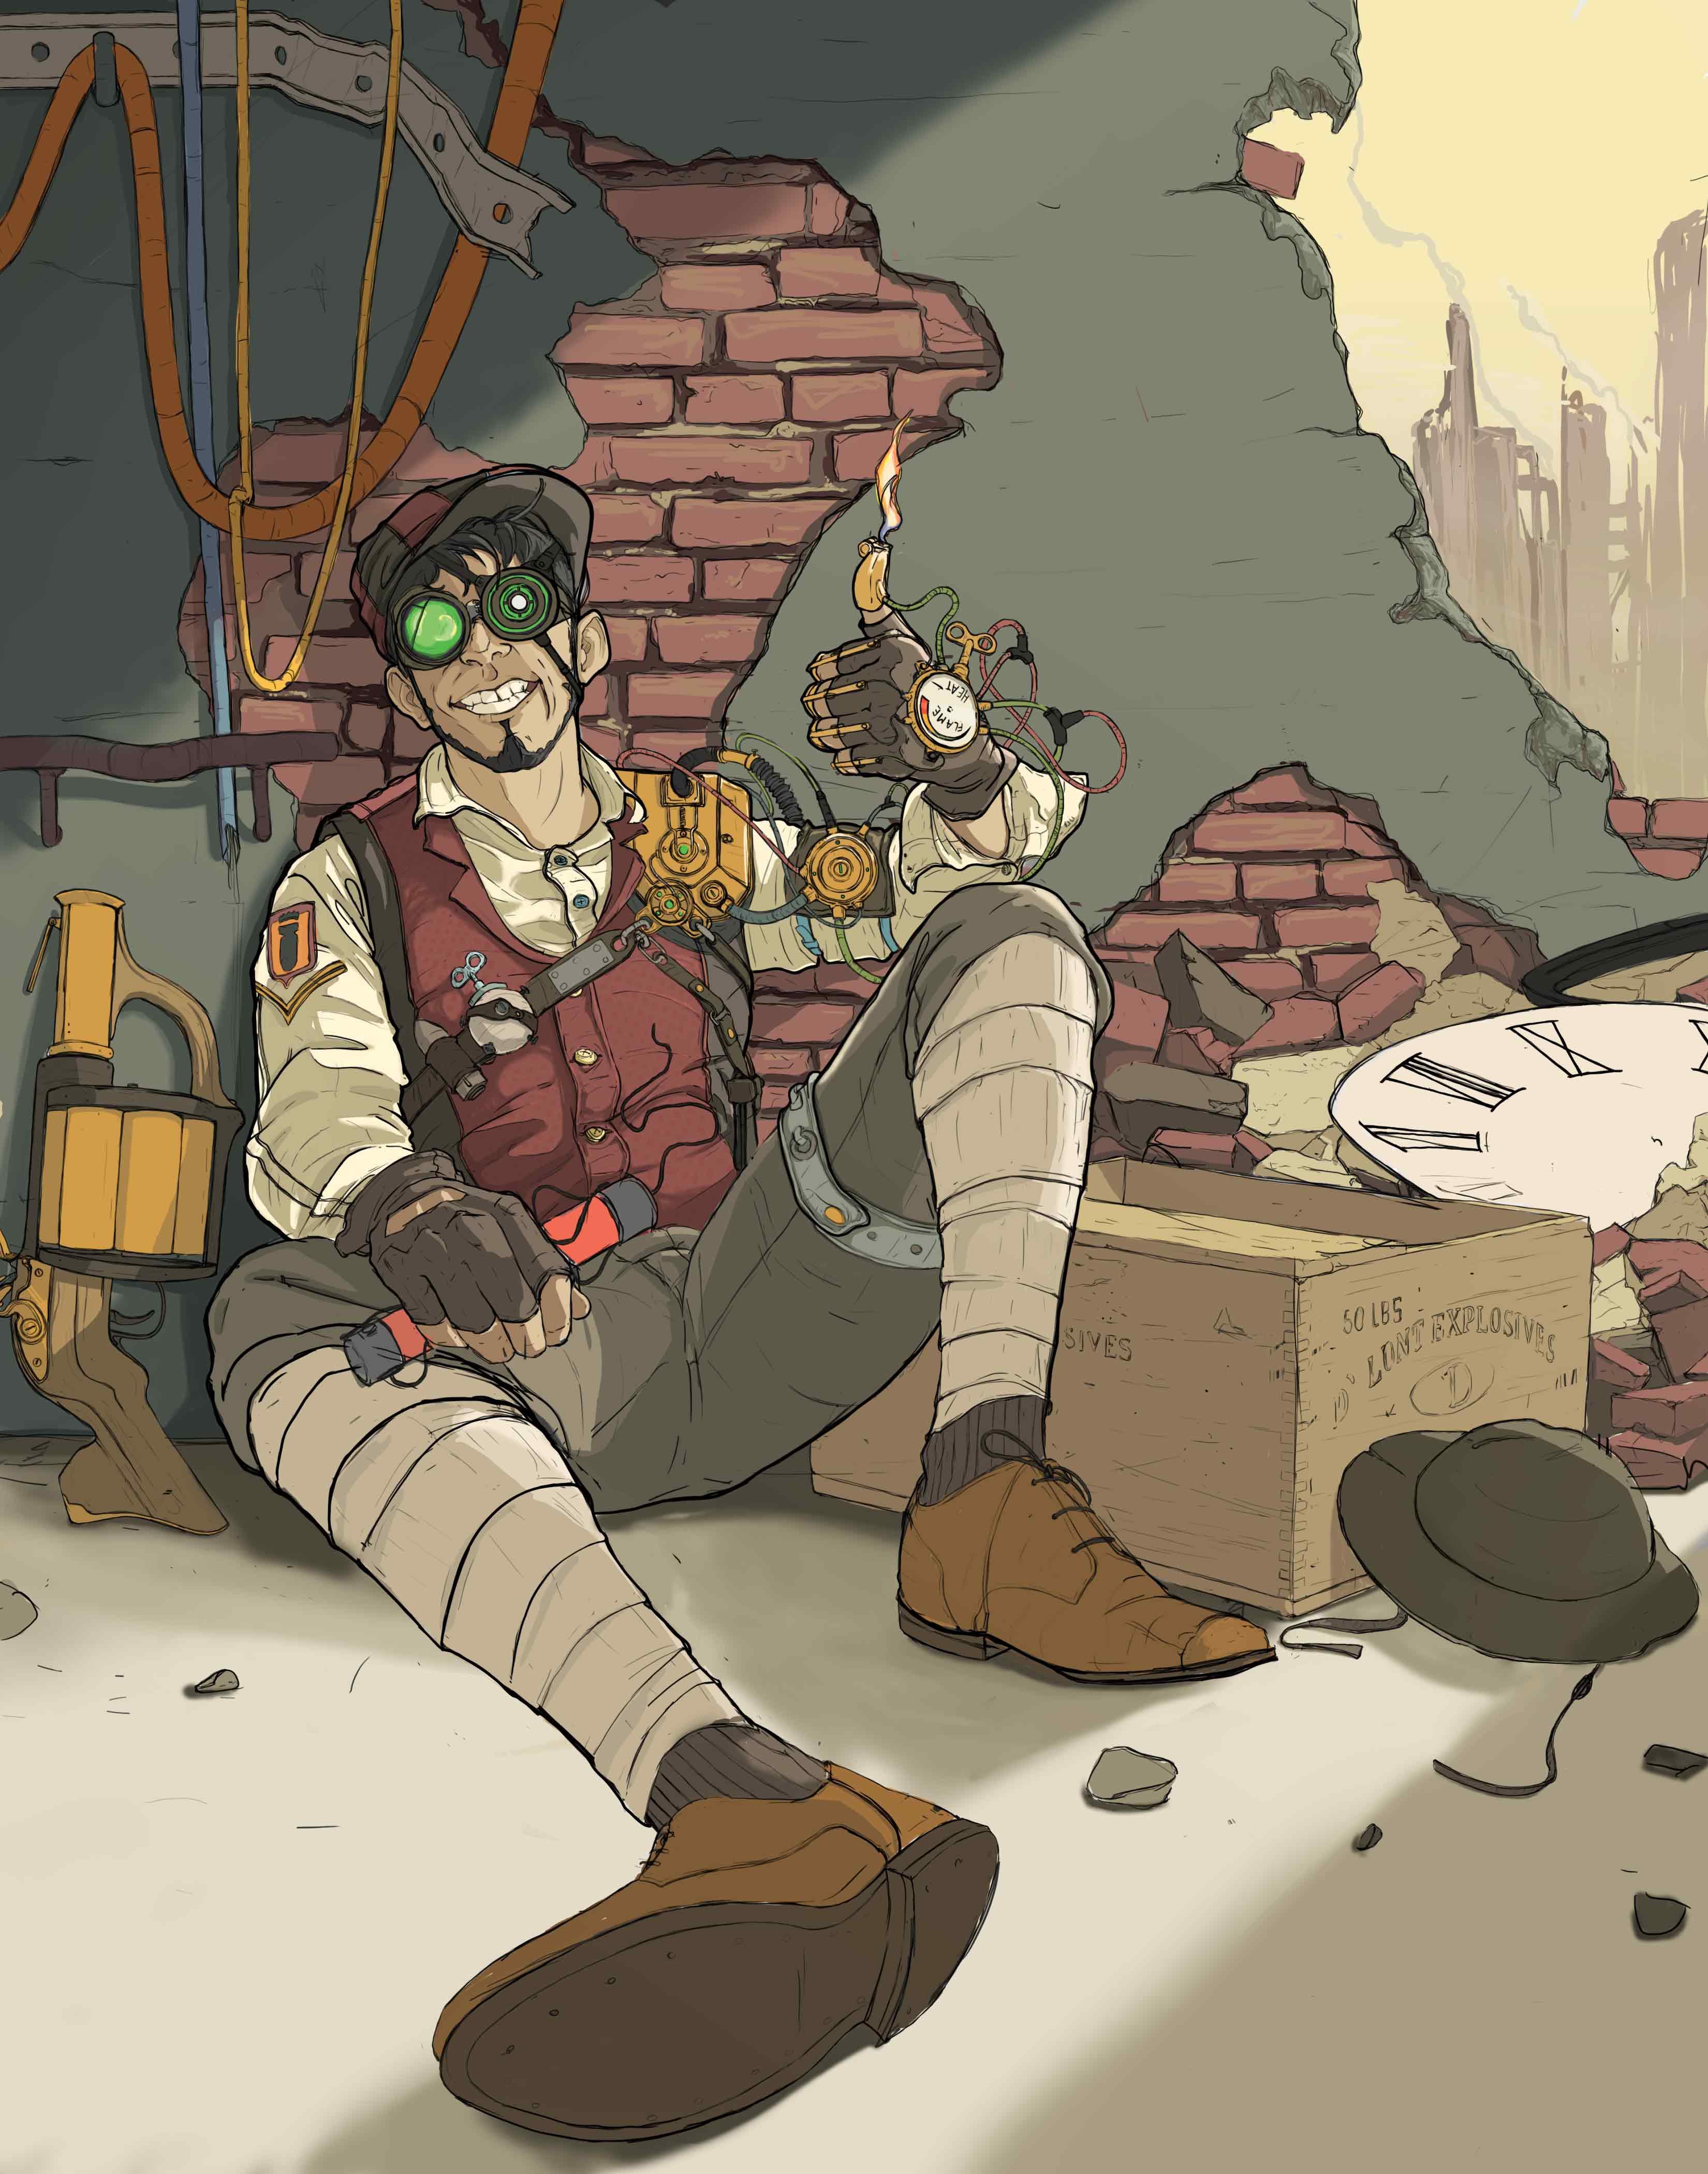 Demolitionist